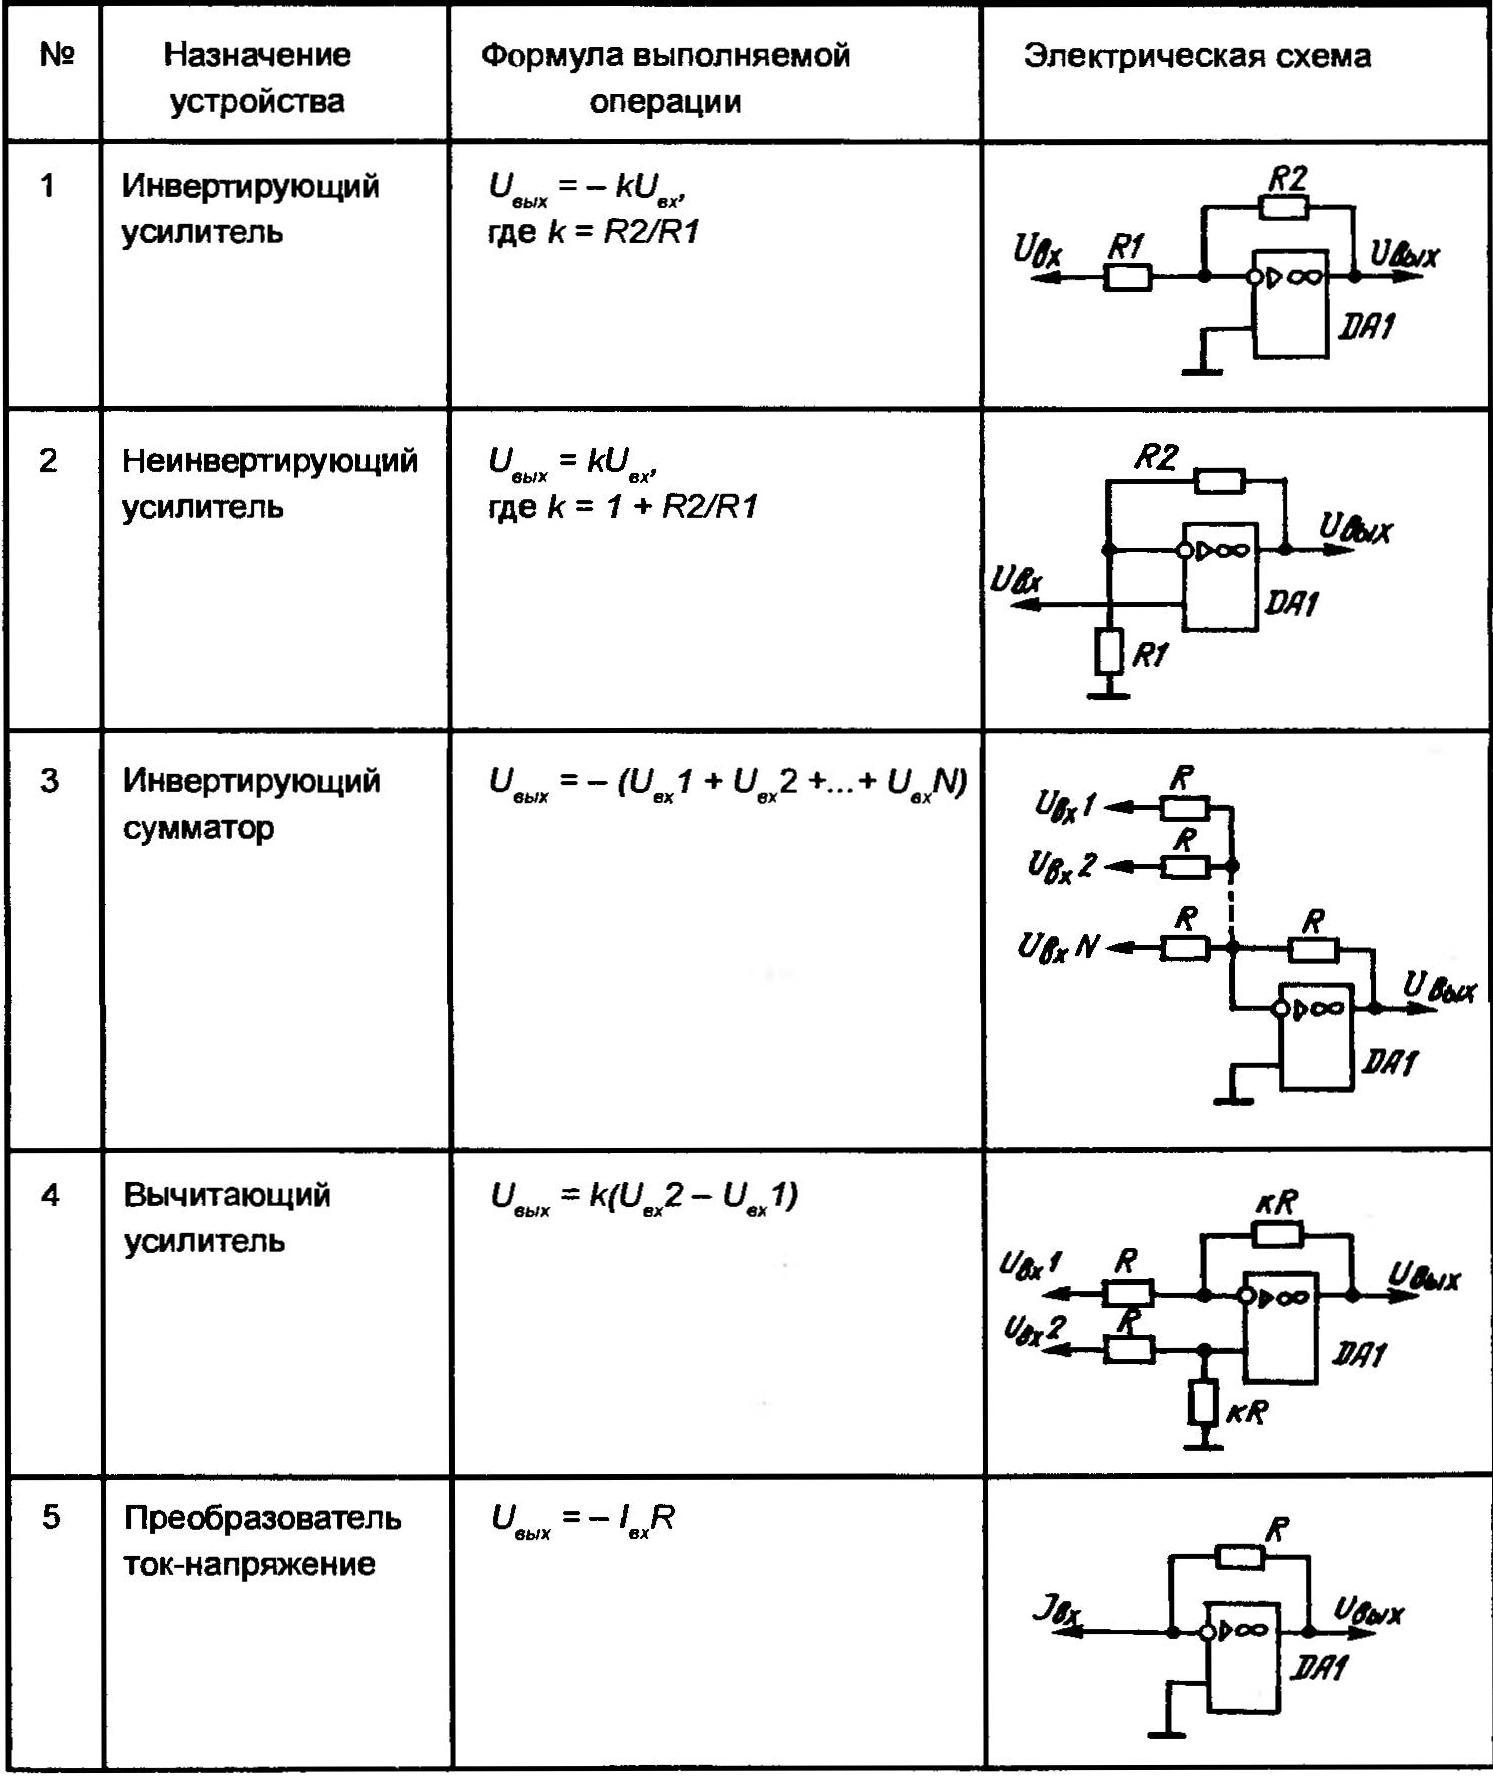 Примеры наиболее часто встречающихся включений оперативных усилителей и выполняемые при этом функции